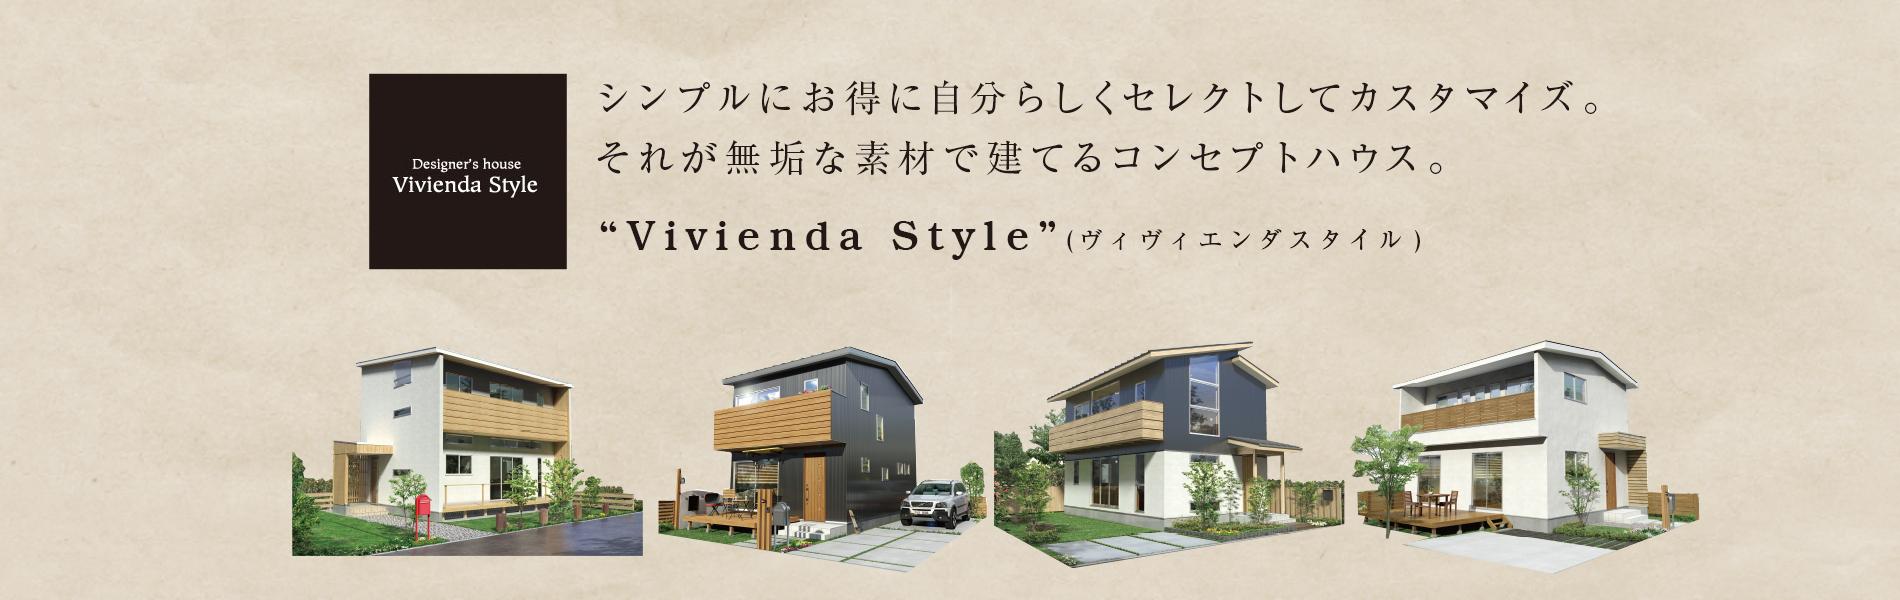 群馬県伊勢崎市の注文住宅|Vivienda Style